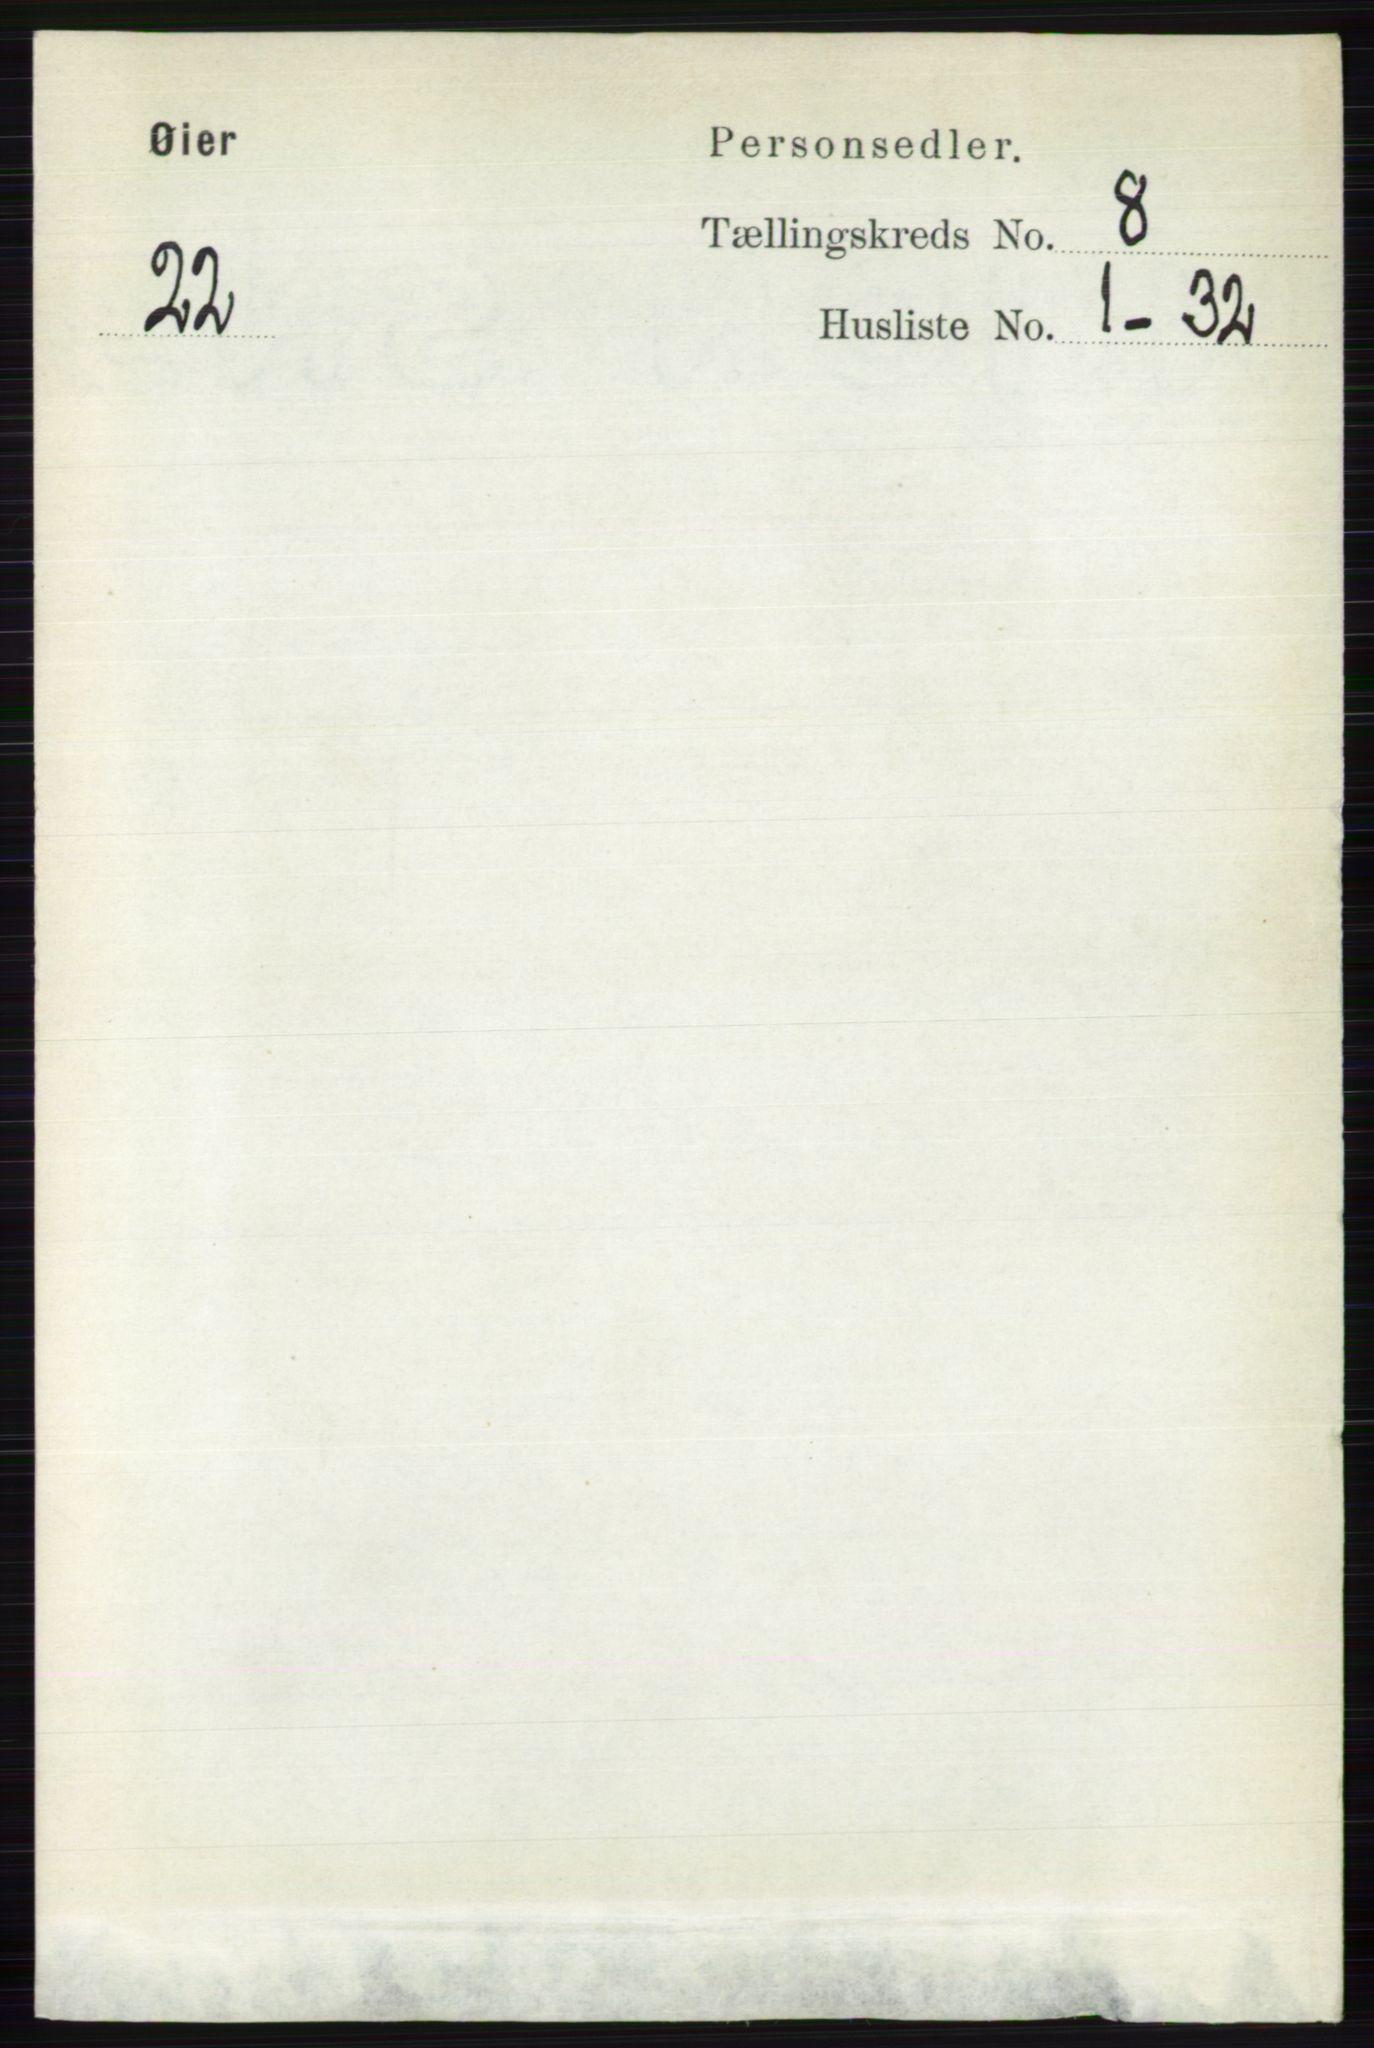 RA, Folketelling 1891 for 0521 Øyer herred, 1891, s. 2715